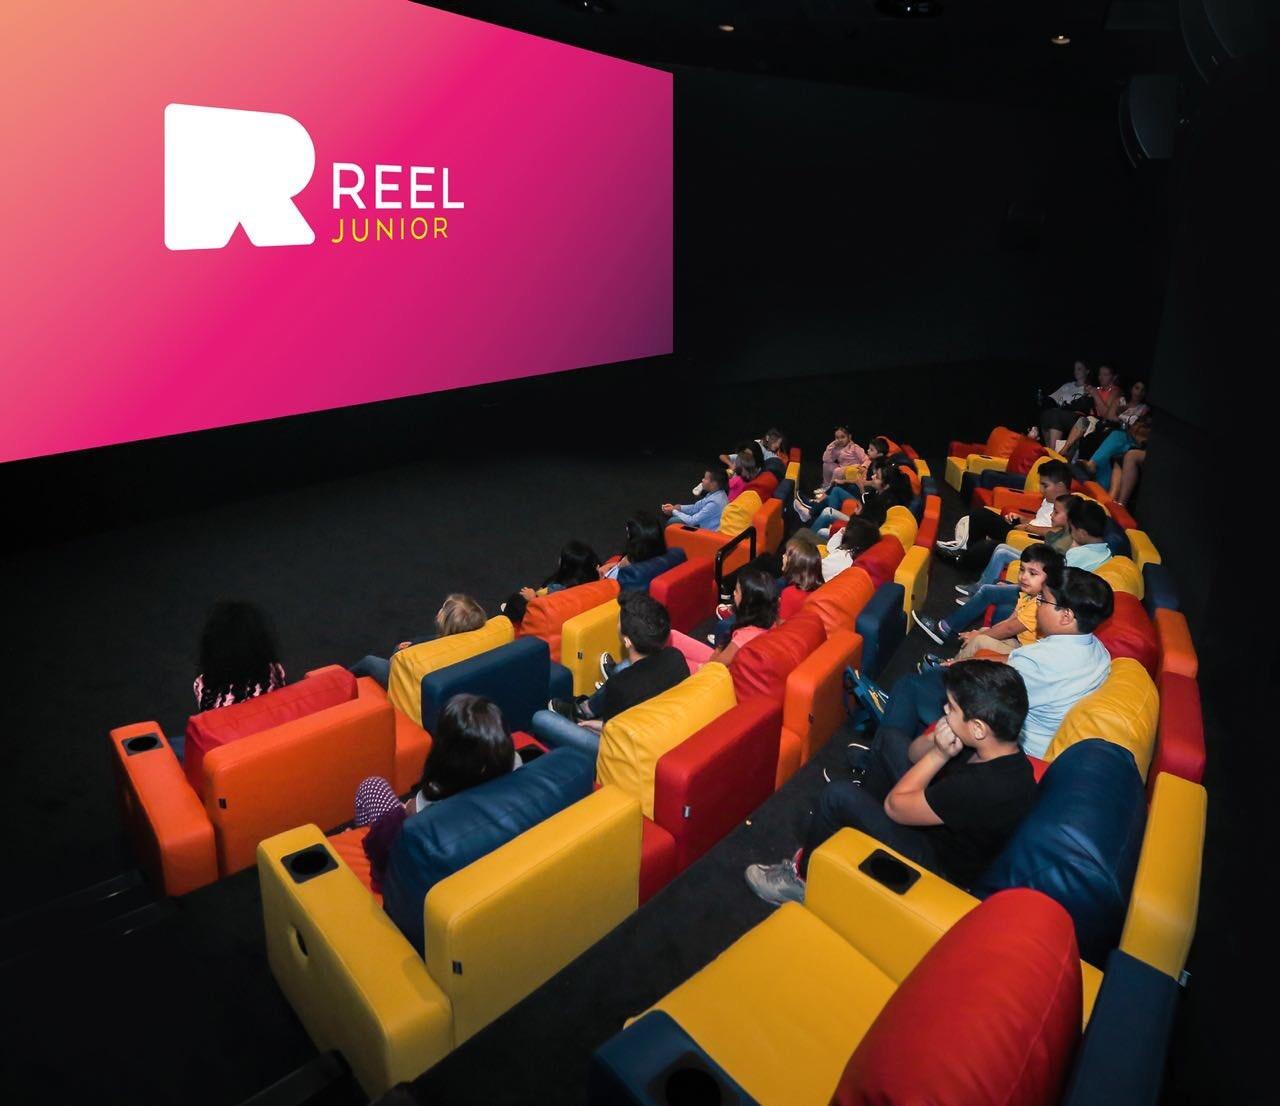 مجمع العرب سينما مول العرب